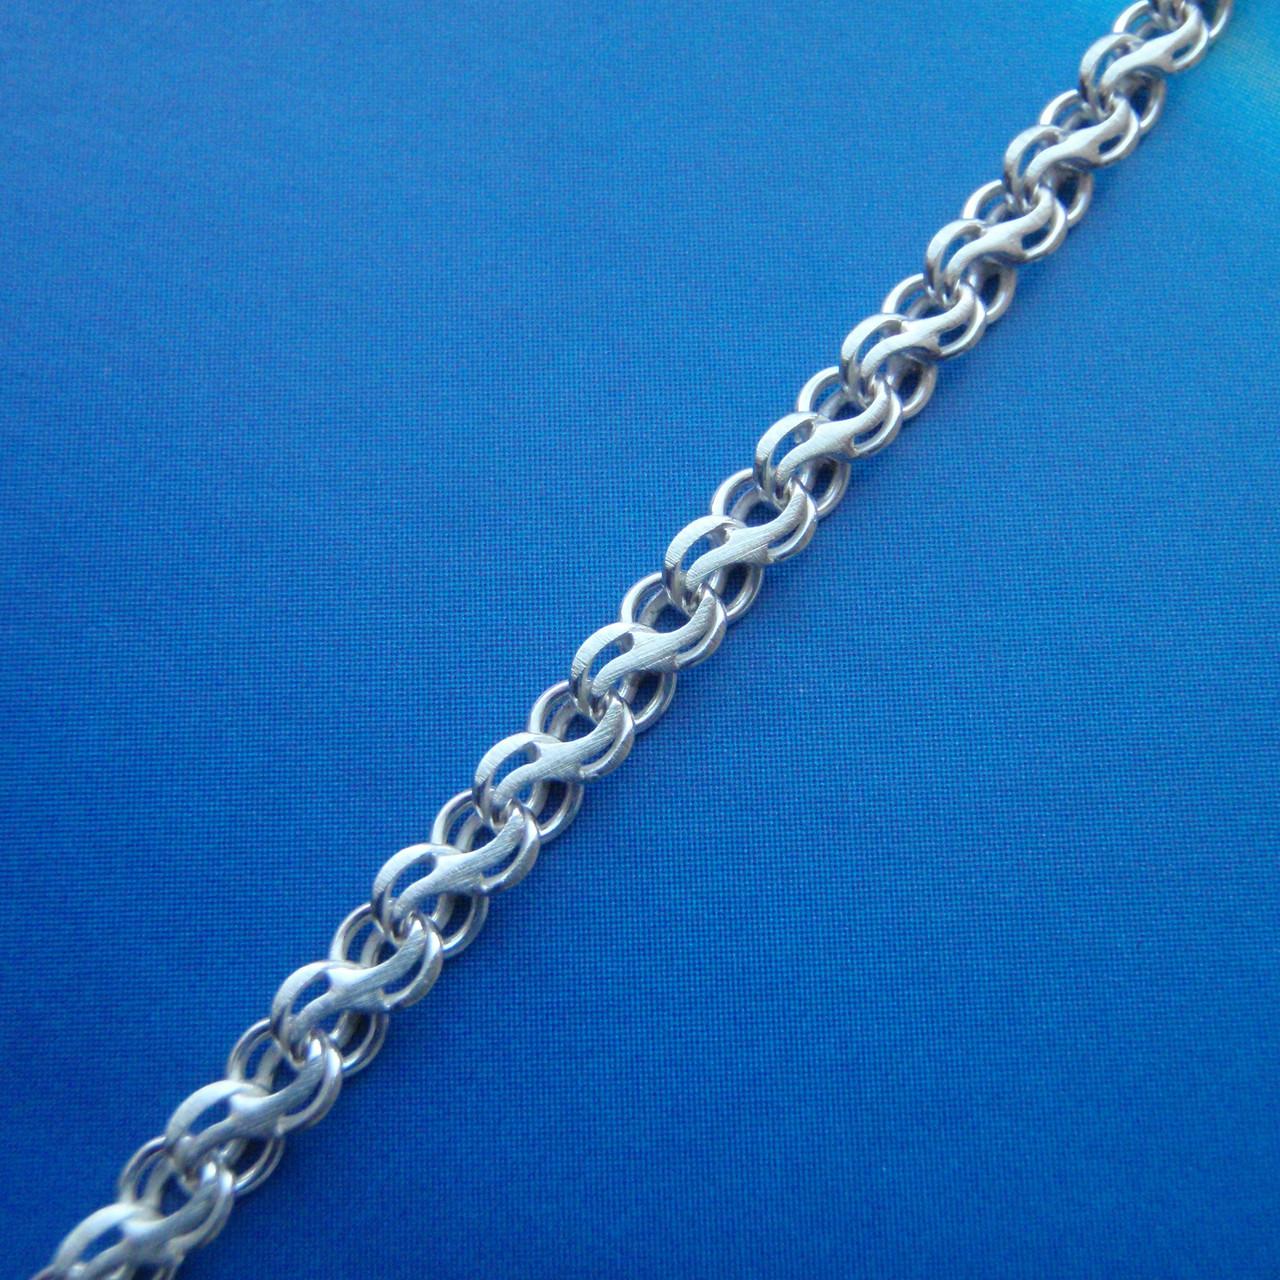 Серебряная цепочка, 500мм, 8,3 грамма, плетение ручеек, светлое серебро